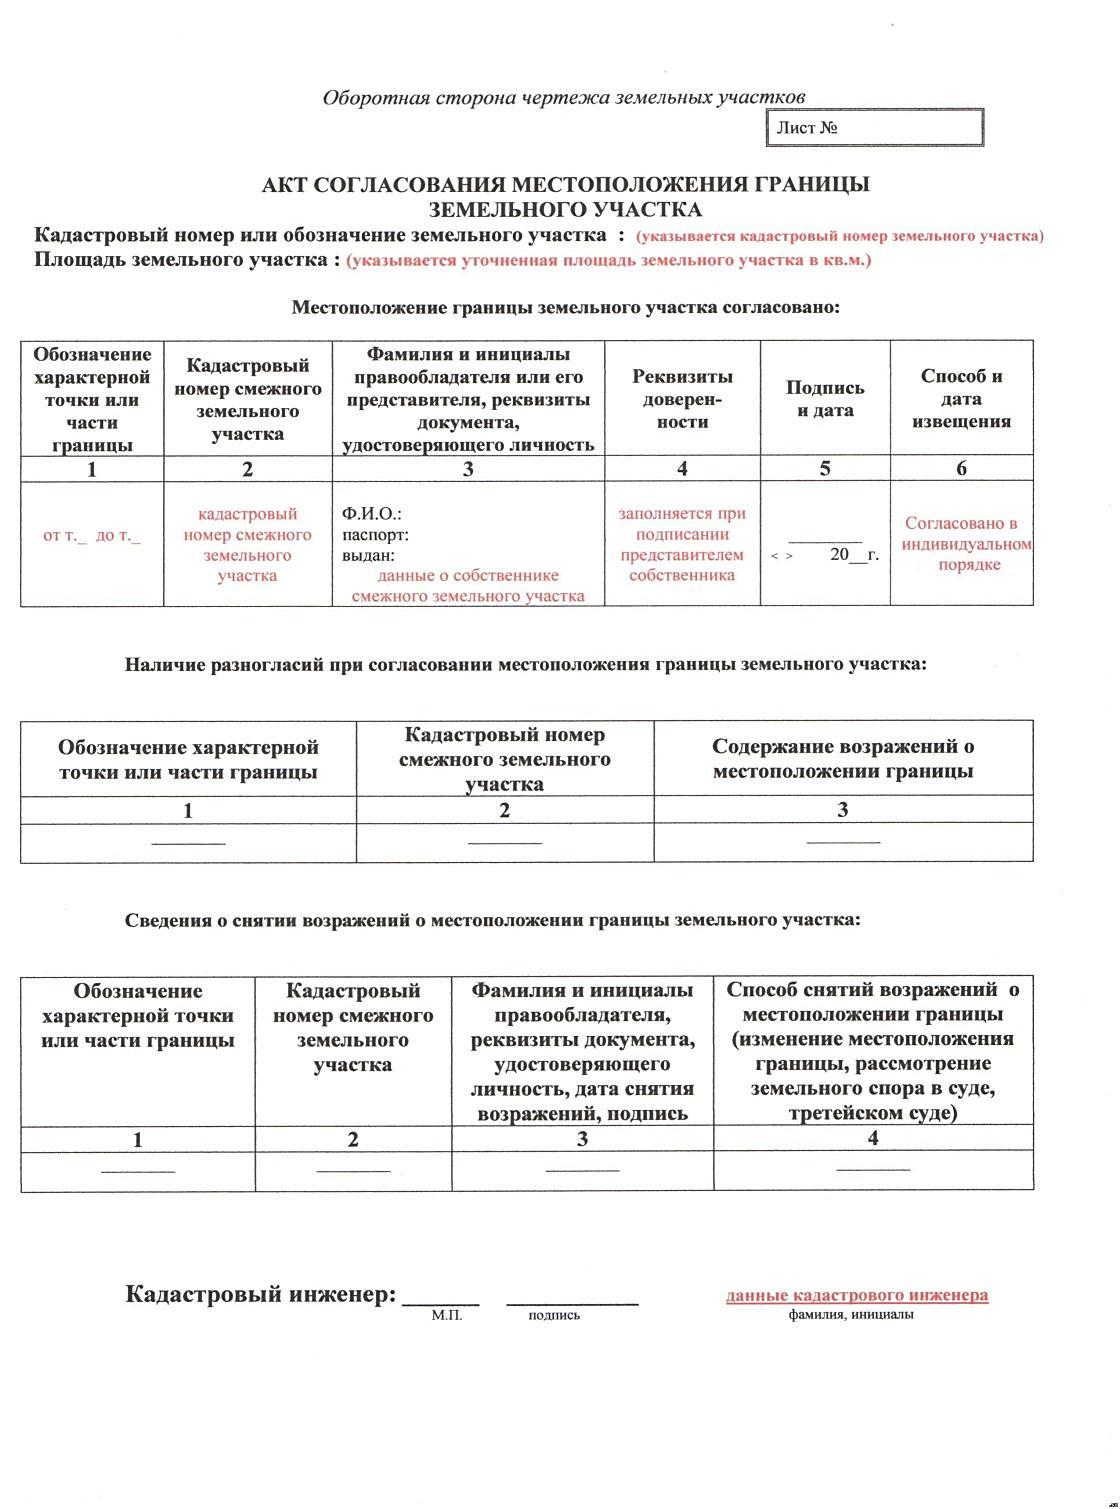 Исковое заявление о взыскании денежных средств по договору грузоперевозки